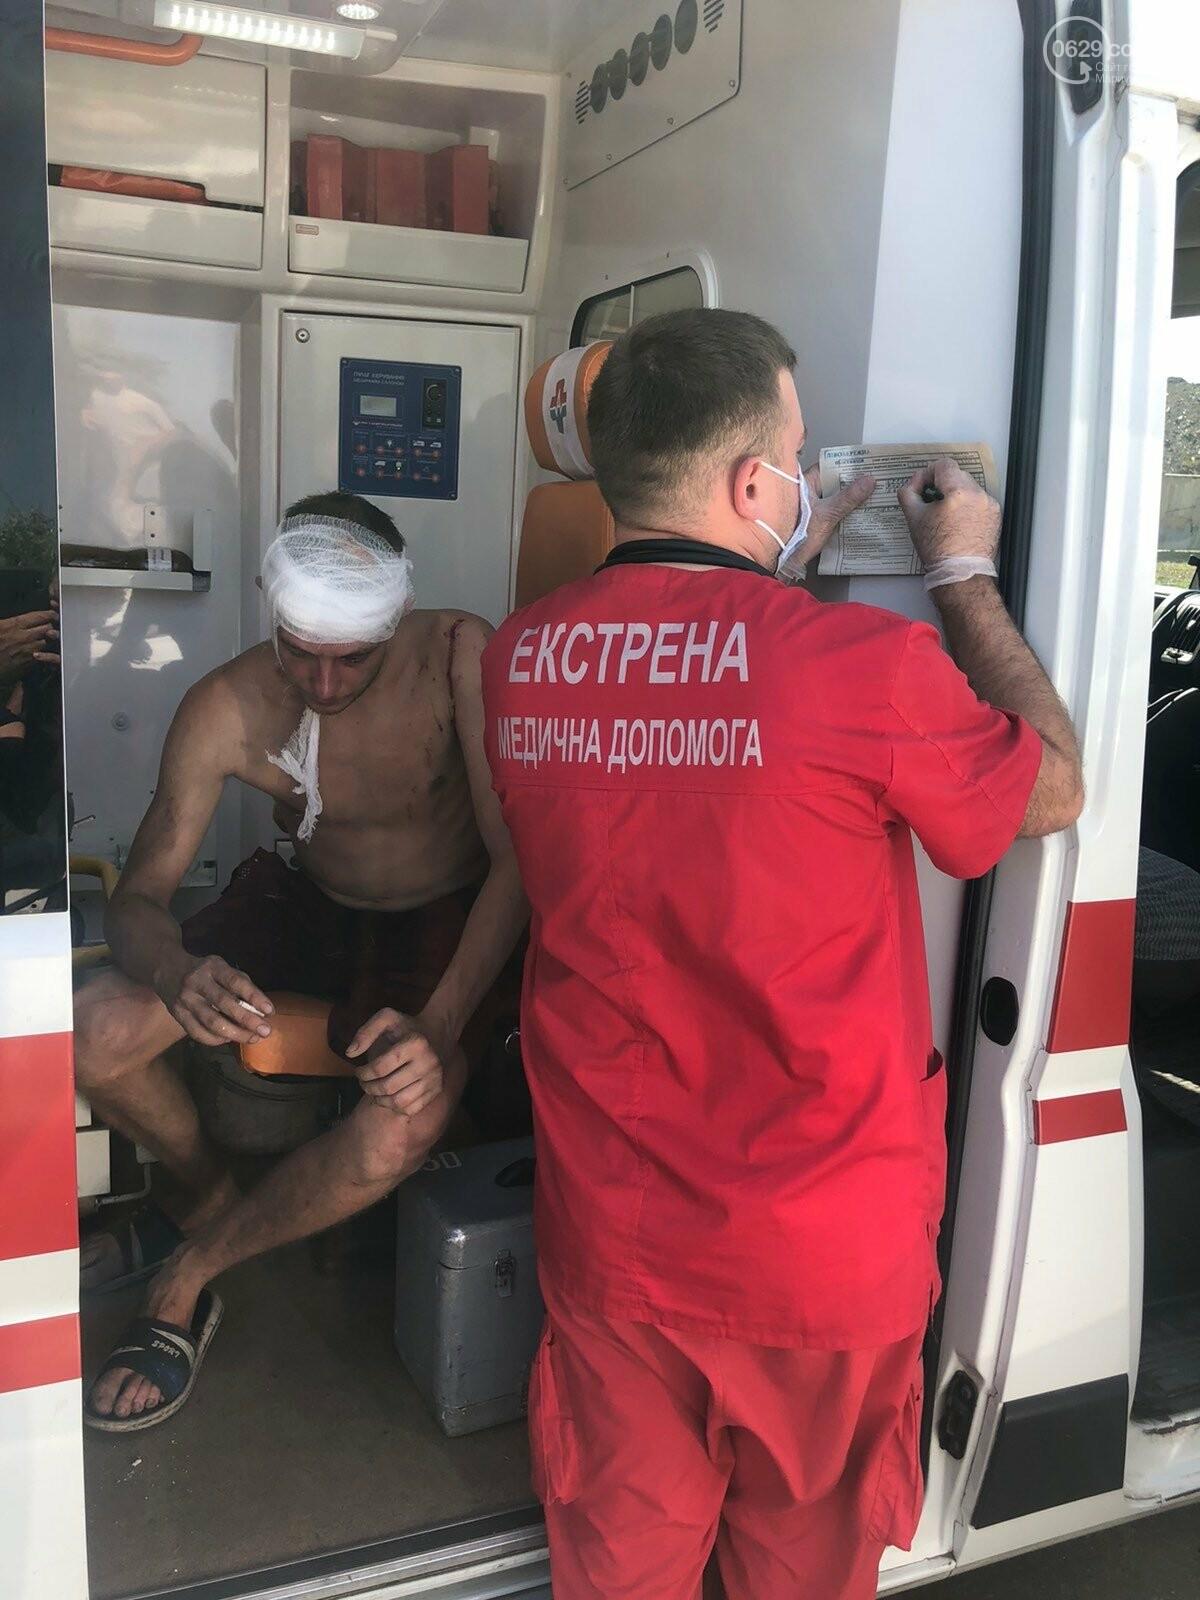 Серьезная авария в Кальмиусском районе. ВАЗ с пассажирами вылетел в кювет, четверо пострадавших, - ФОТО, фото-4